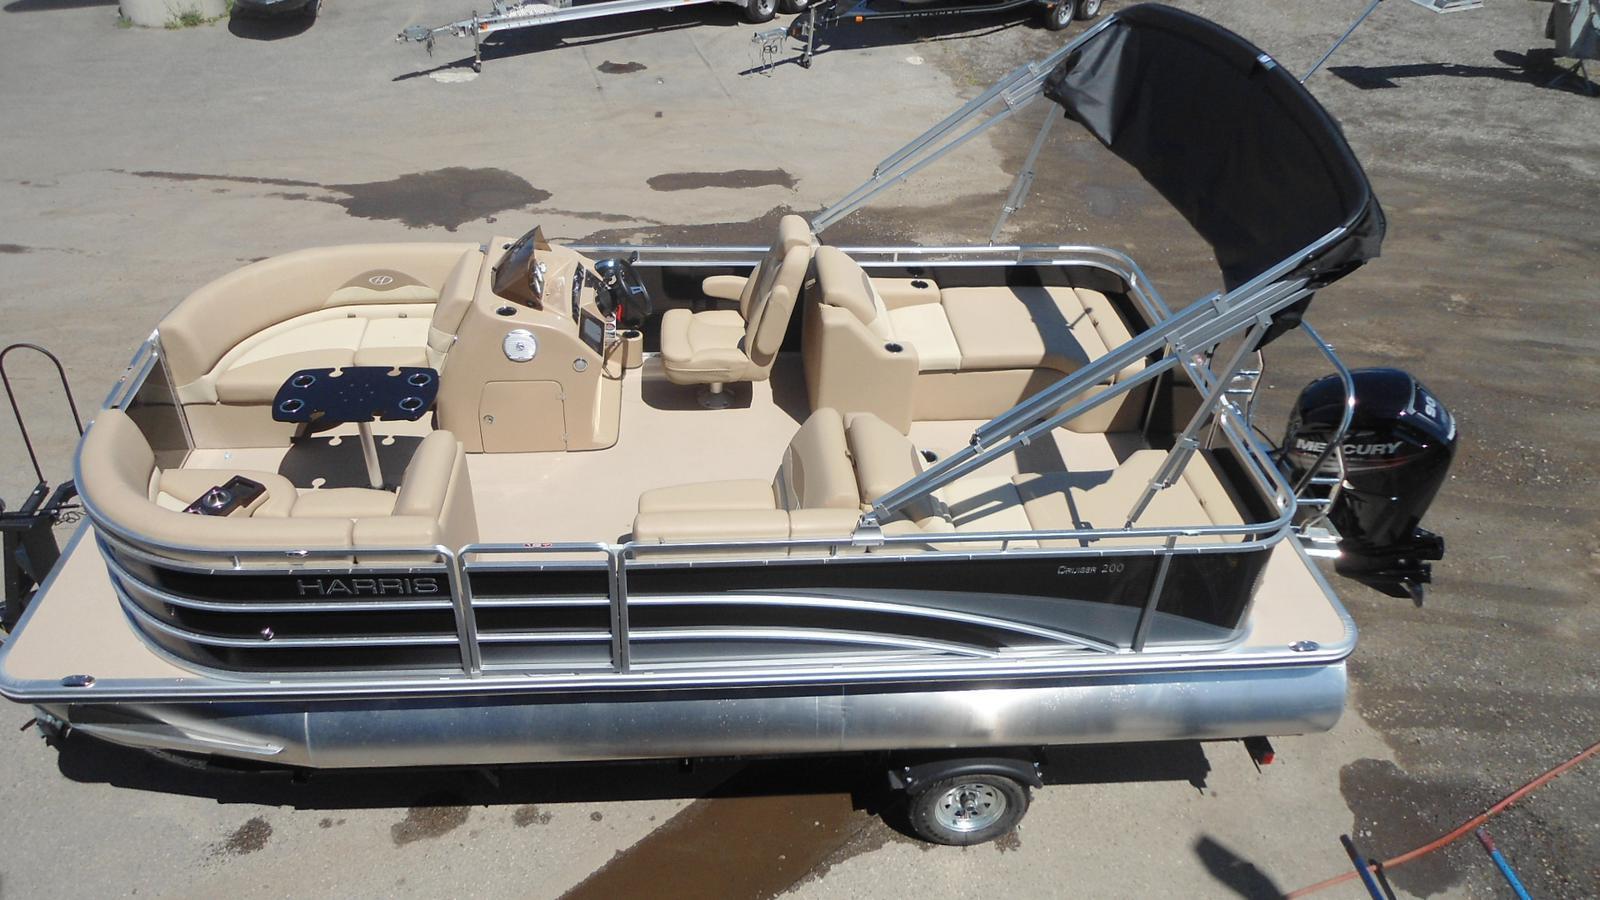 For Sale: 2016 Harris Cruiser 200 21ft<br/>Dockside Marine Centre, LTD.